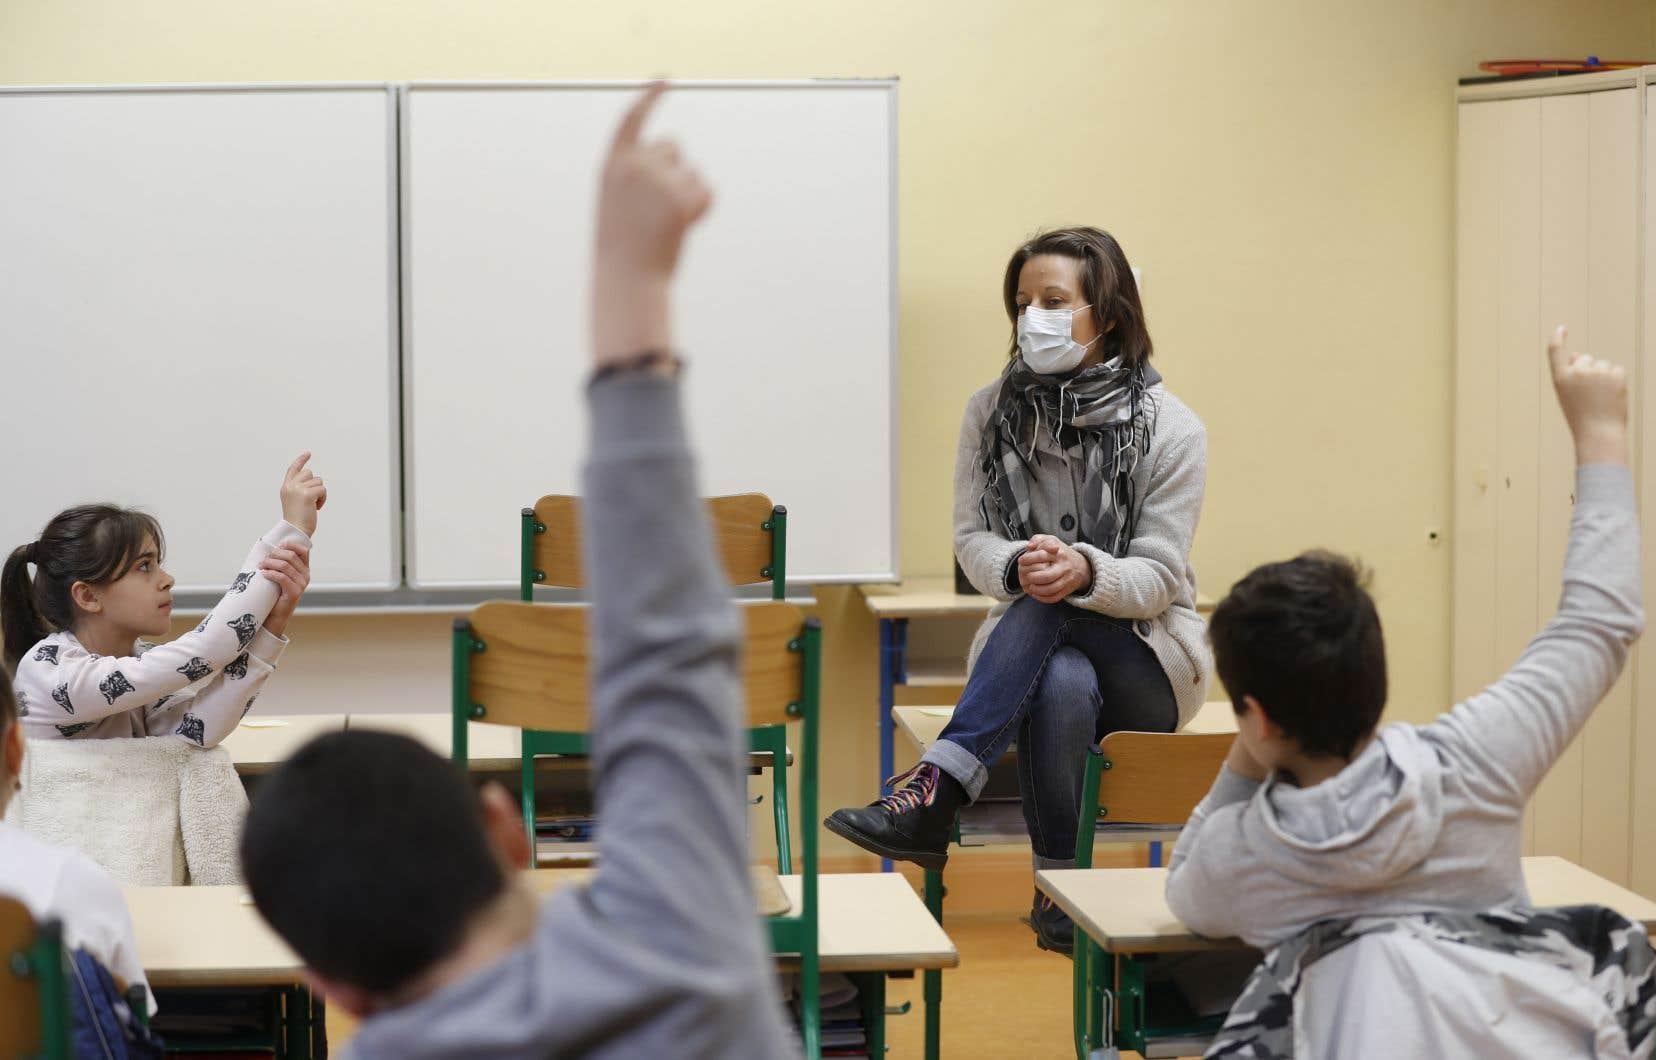 Les résultats confirment la faible prévalence de l'infection au coronavirus parmi les travailleurs en milieu scolaire.